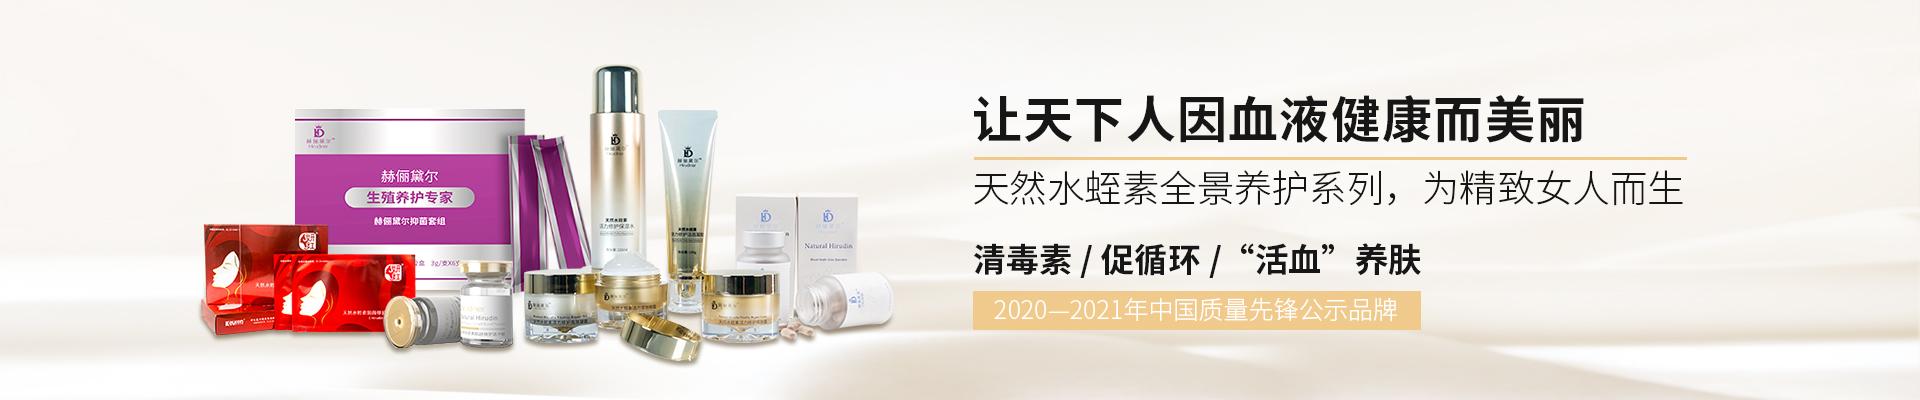 天然水蛭素护肤系列产品,为精致女人而生